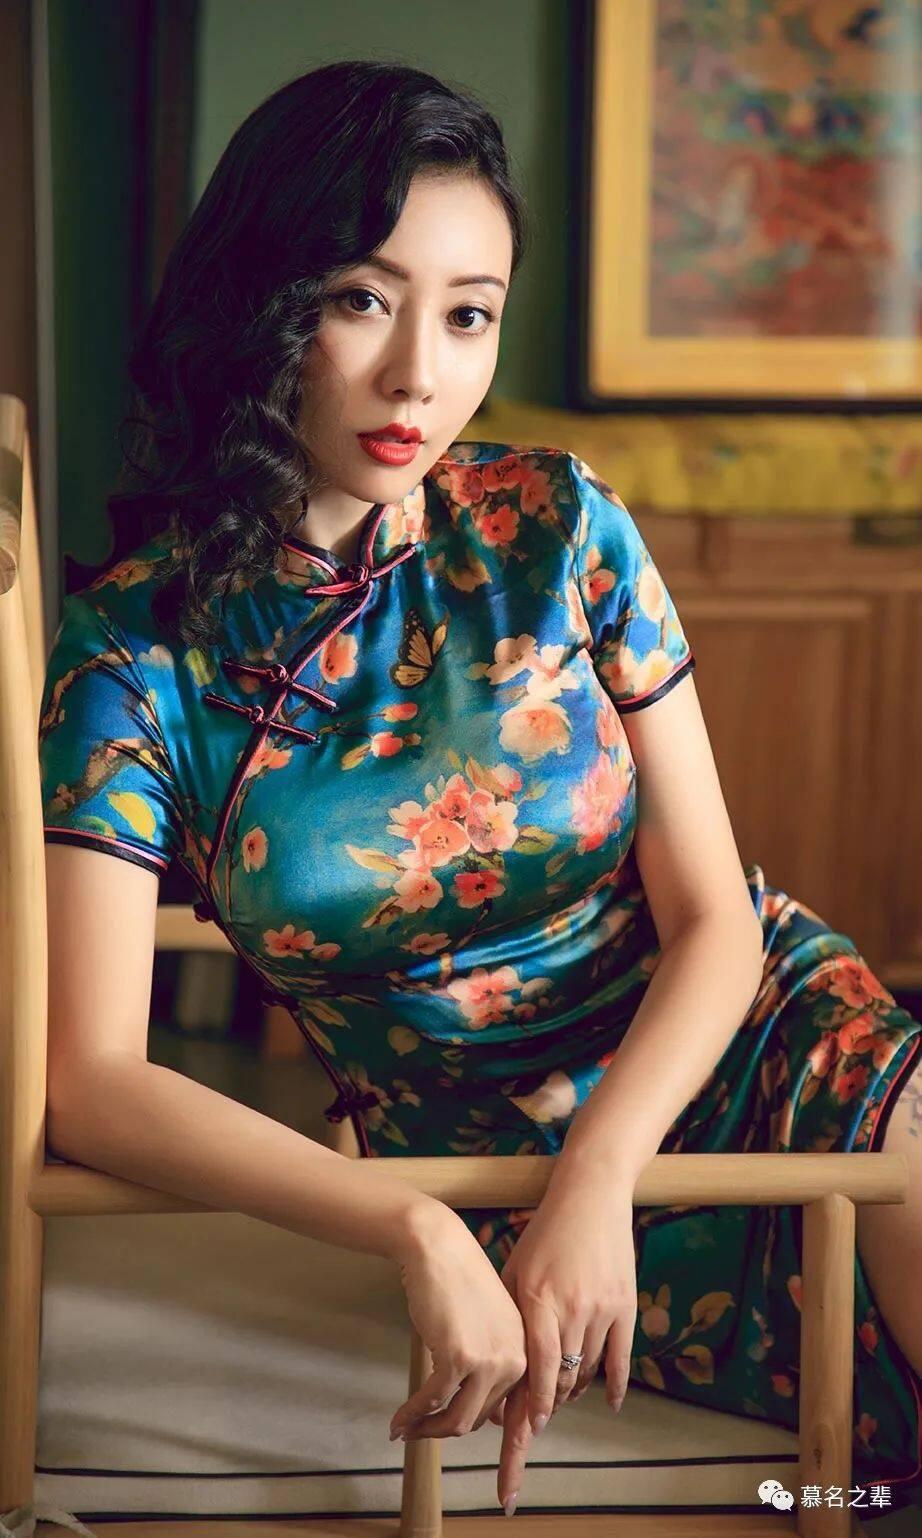 私房模特写真——松果儿Victoria(F罩杯)14